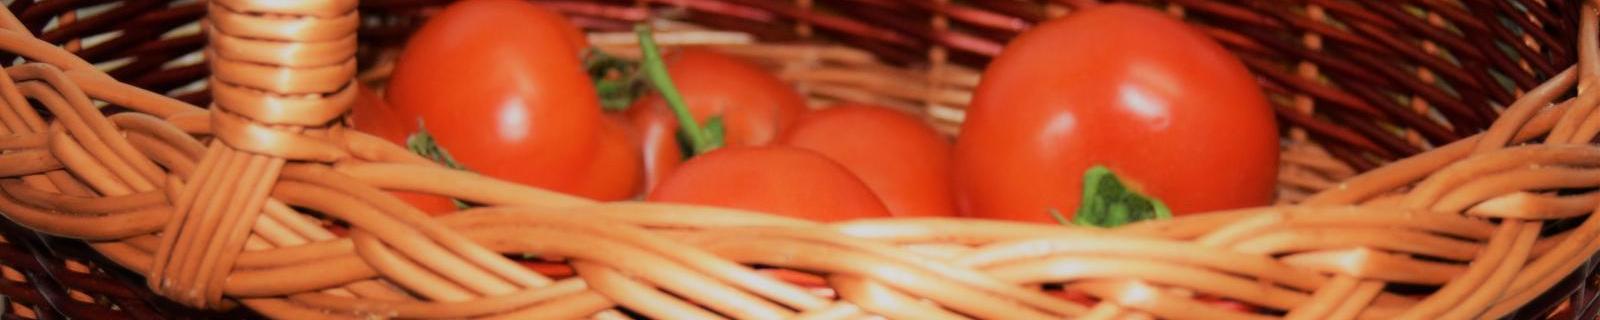 La comida mejor en cestas hechas con fibras naturales.